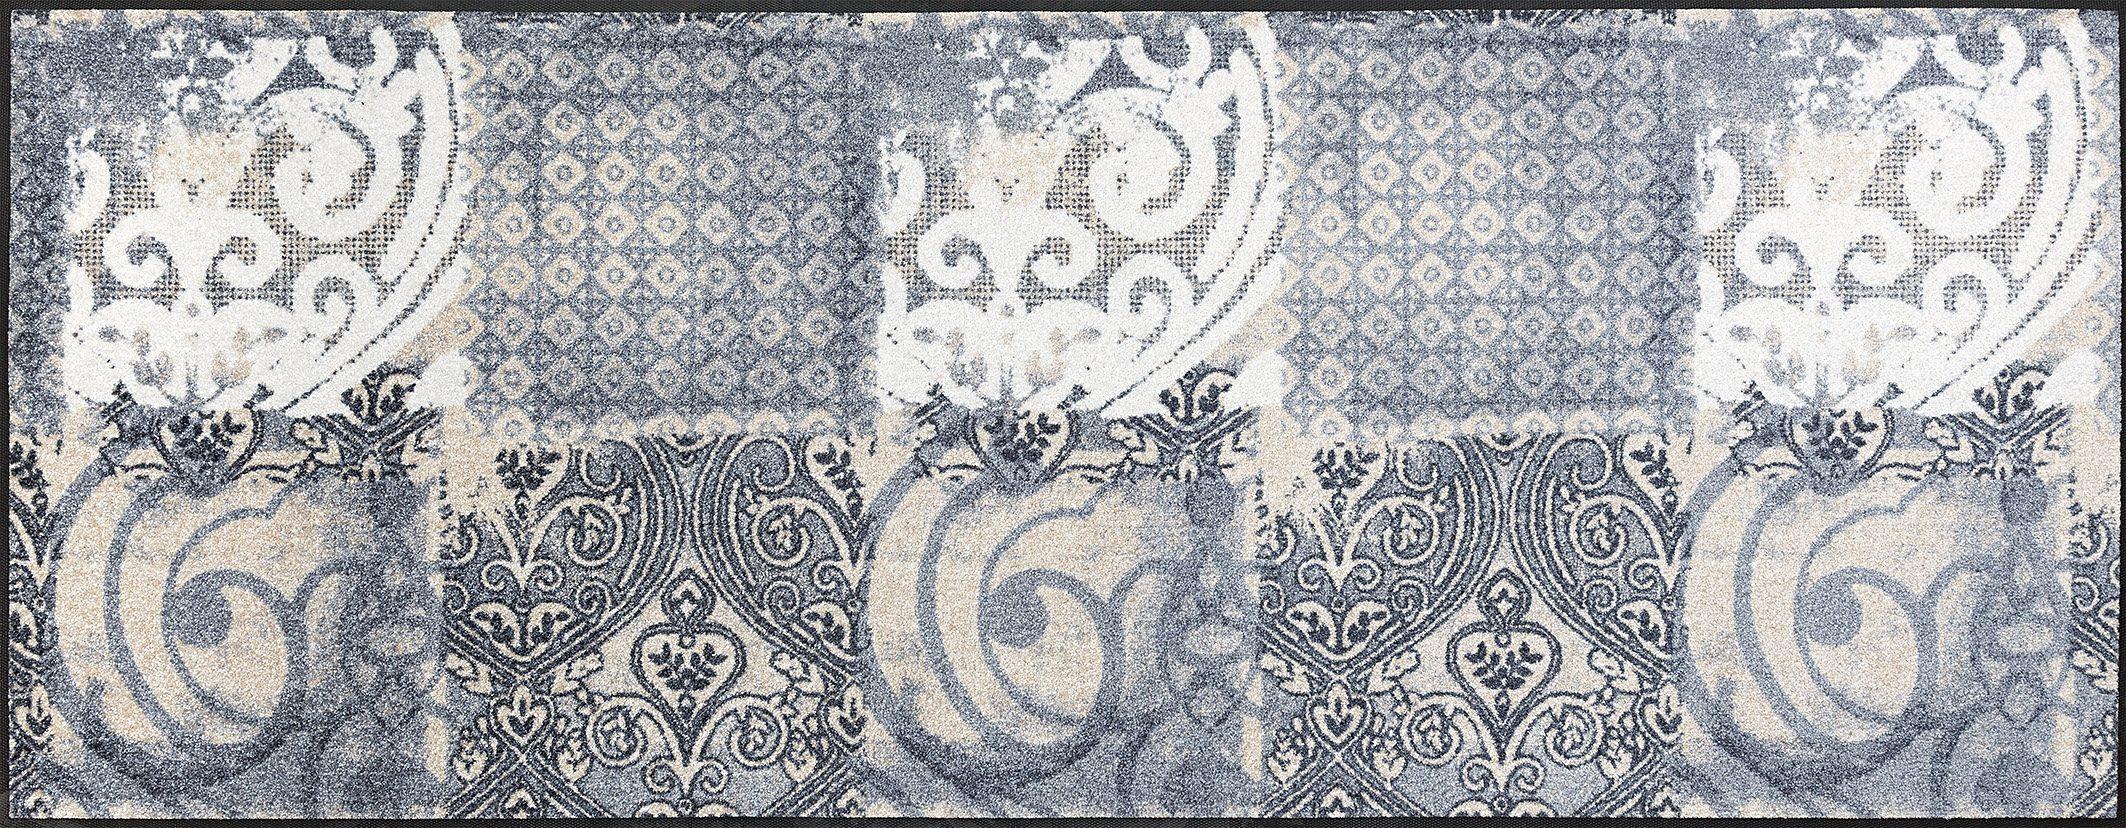 Läufer Arabesque wash+dry by Kleen-Tex rechteckig Höhe 7 mm gedruckt